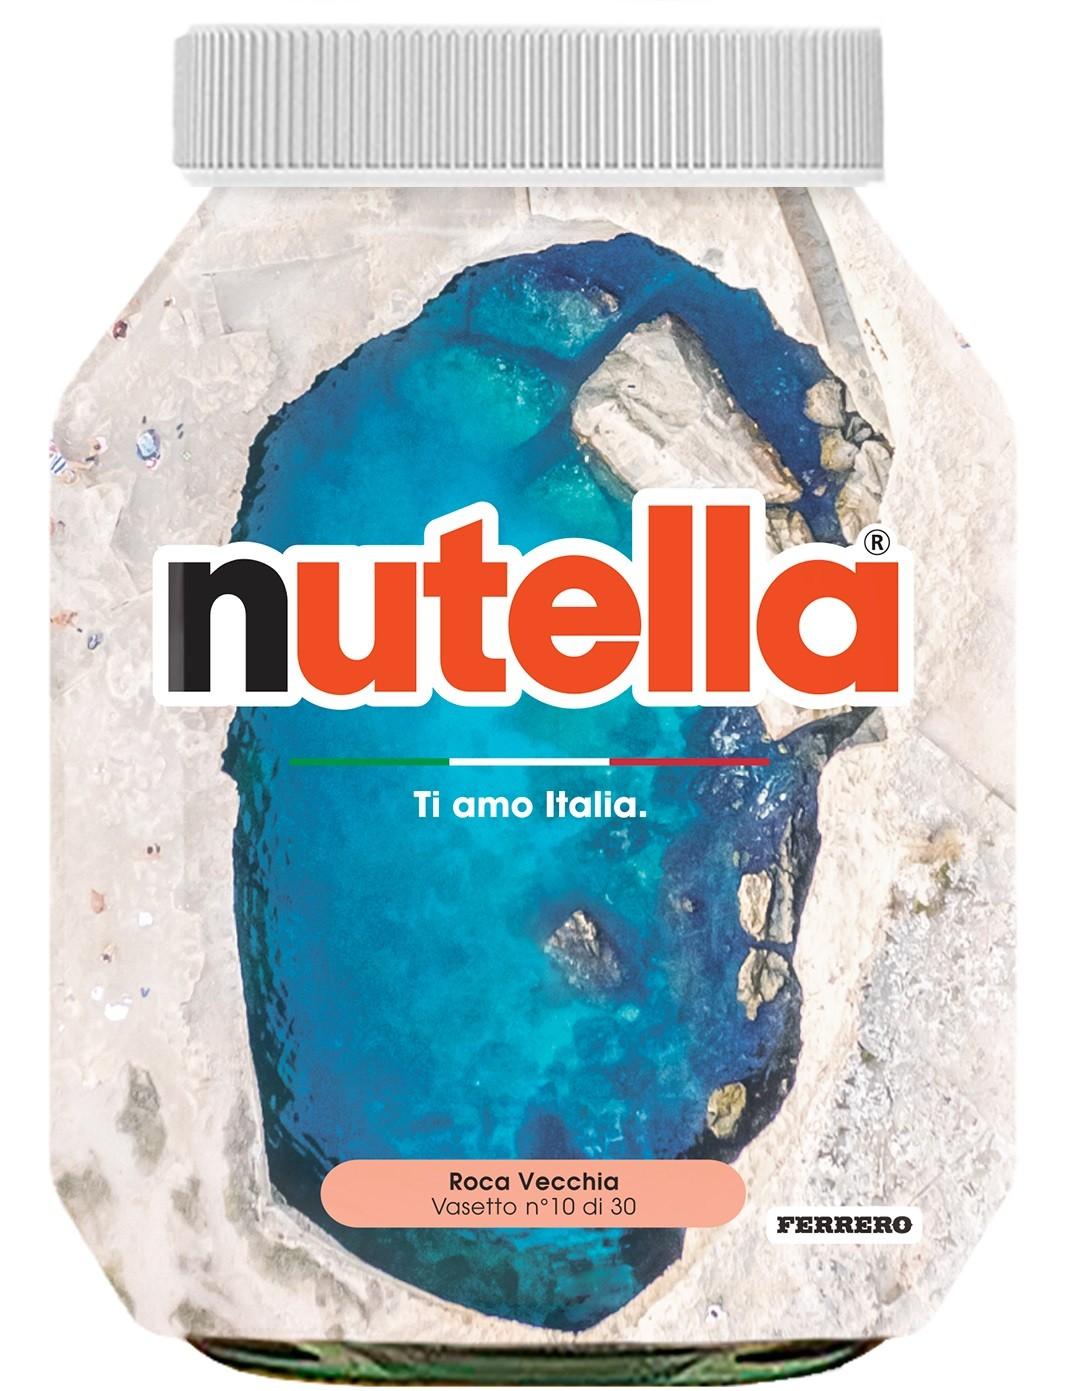 Nutella 10 Puglia Roca Vecchia